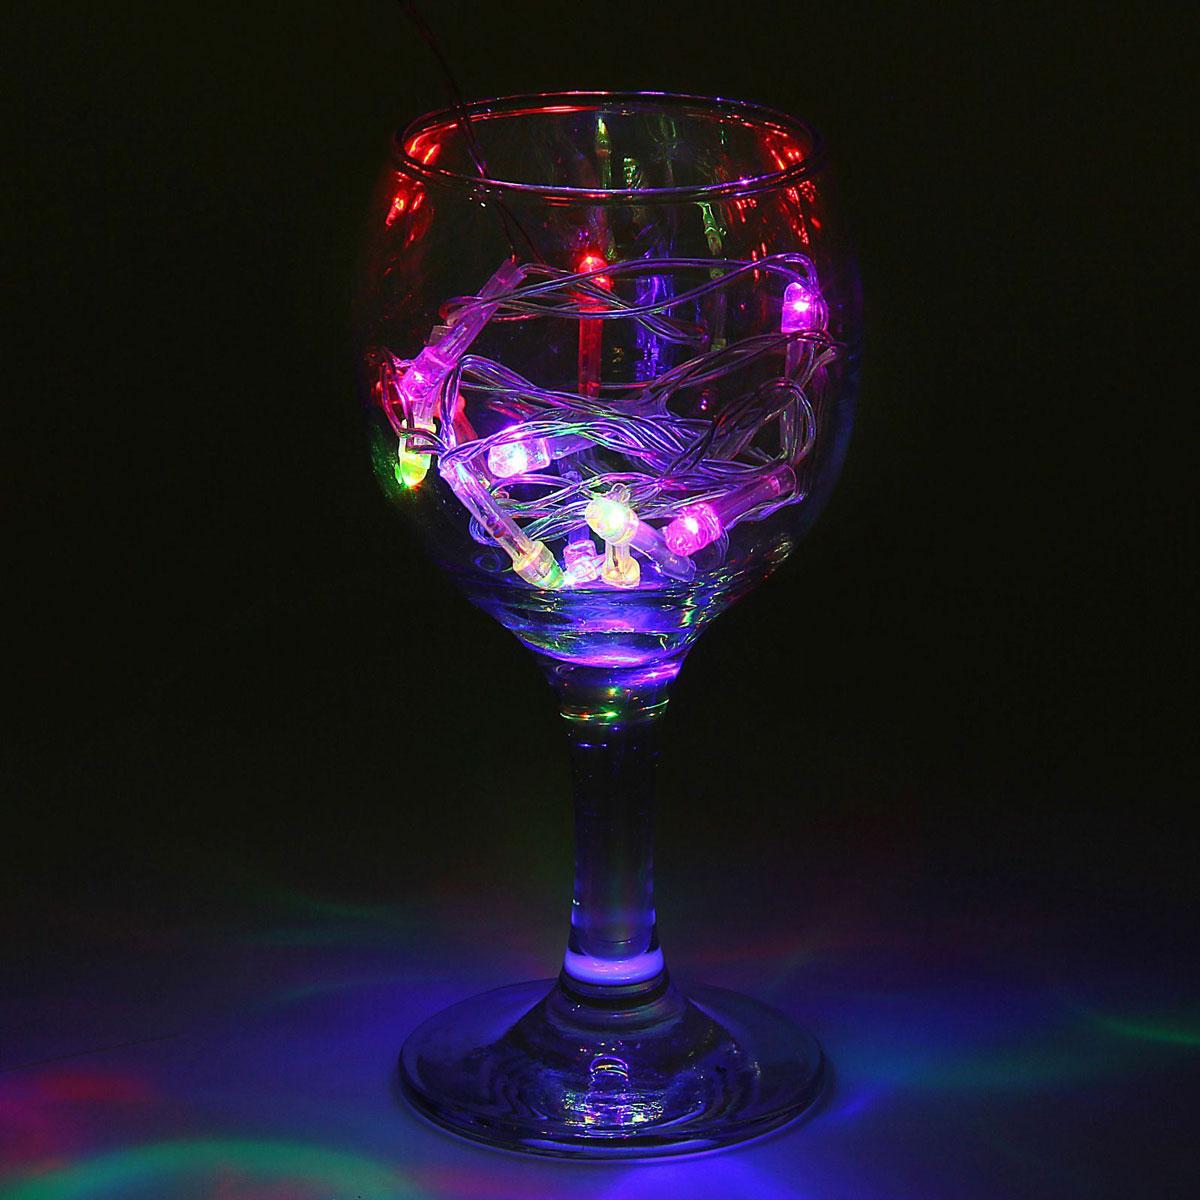 Гирлянда светодиодная Luazon Метраж, цвет: мультиколор, 12 ламп, 220 V, длина 1,2 м. 10803411080341Светодиодные гирлянды и ленты — это отличный вариант для новогоднего оформления интерьера или фасада. С их помощью помещение любого размера можно превратить в праздничный зал, а внешние элементы зданий, украшенные ими, мгновенно станут напоминать очертания сказочного дворца. Такие украшения создают ауру предвкушения чуда. Деревья, фасады, витрины, окна и арки будто специально созданы, чтобы вы украсили их светящимися нитями.